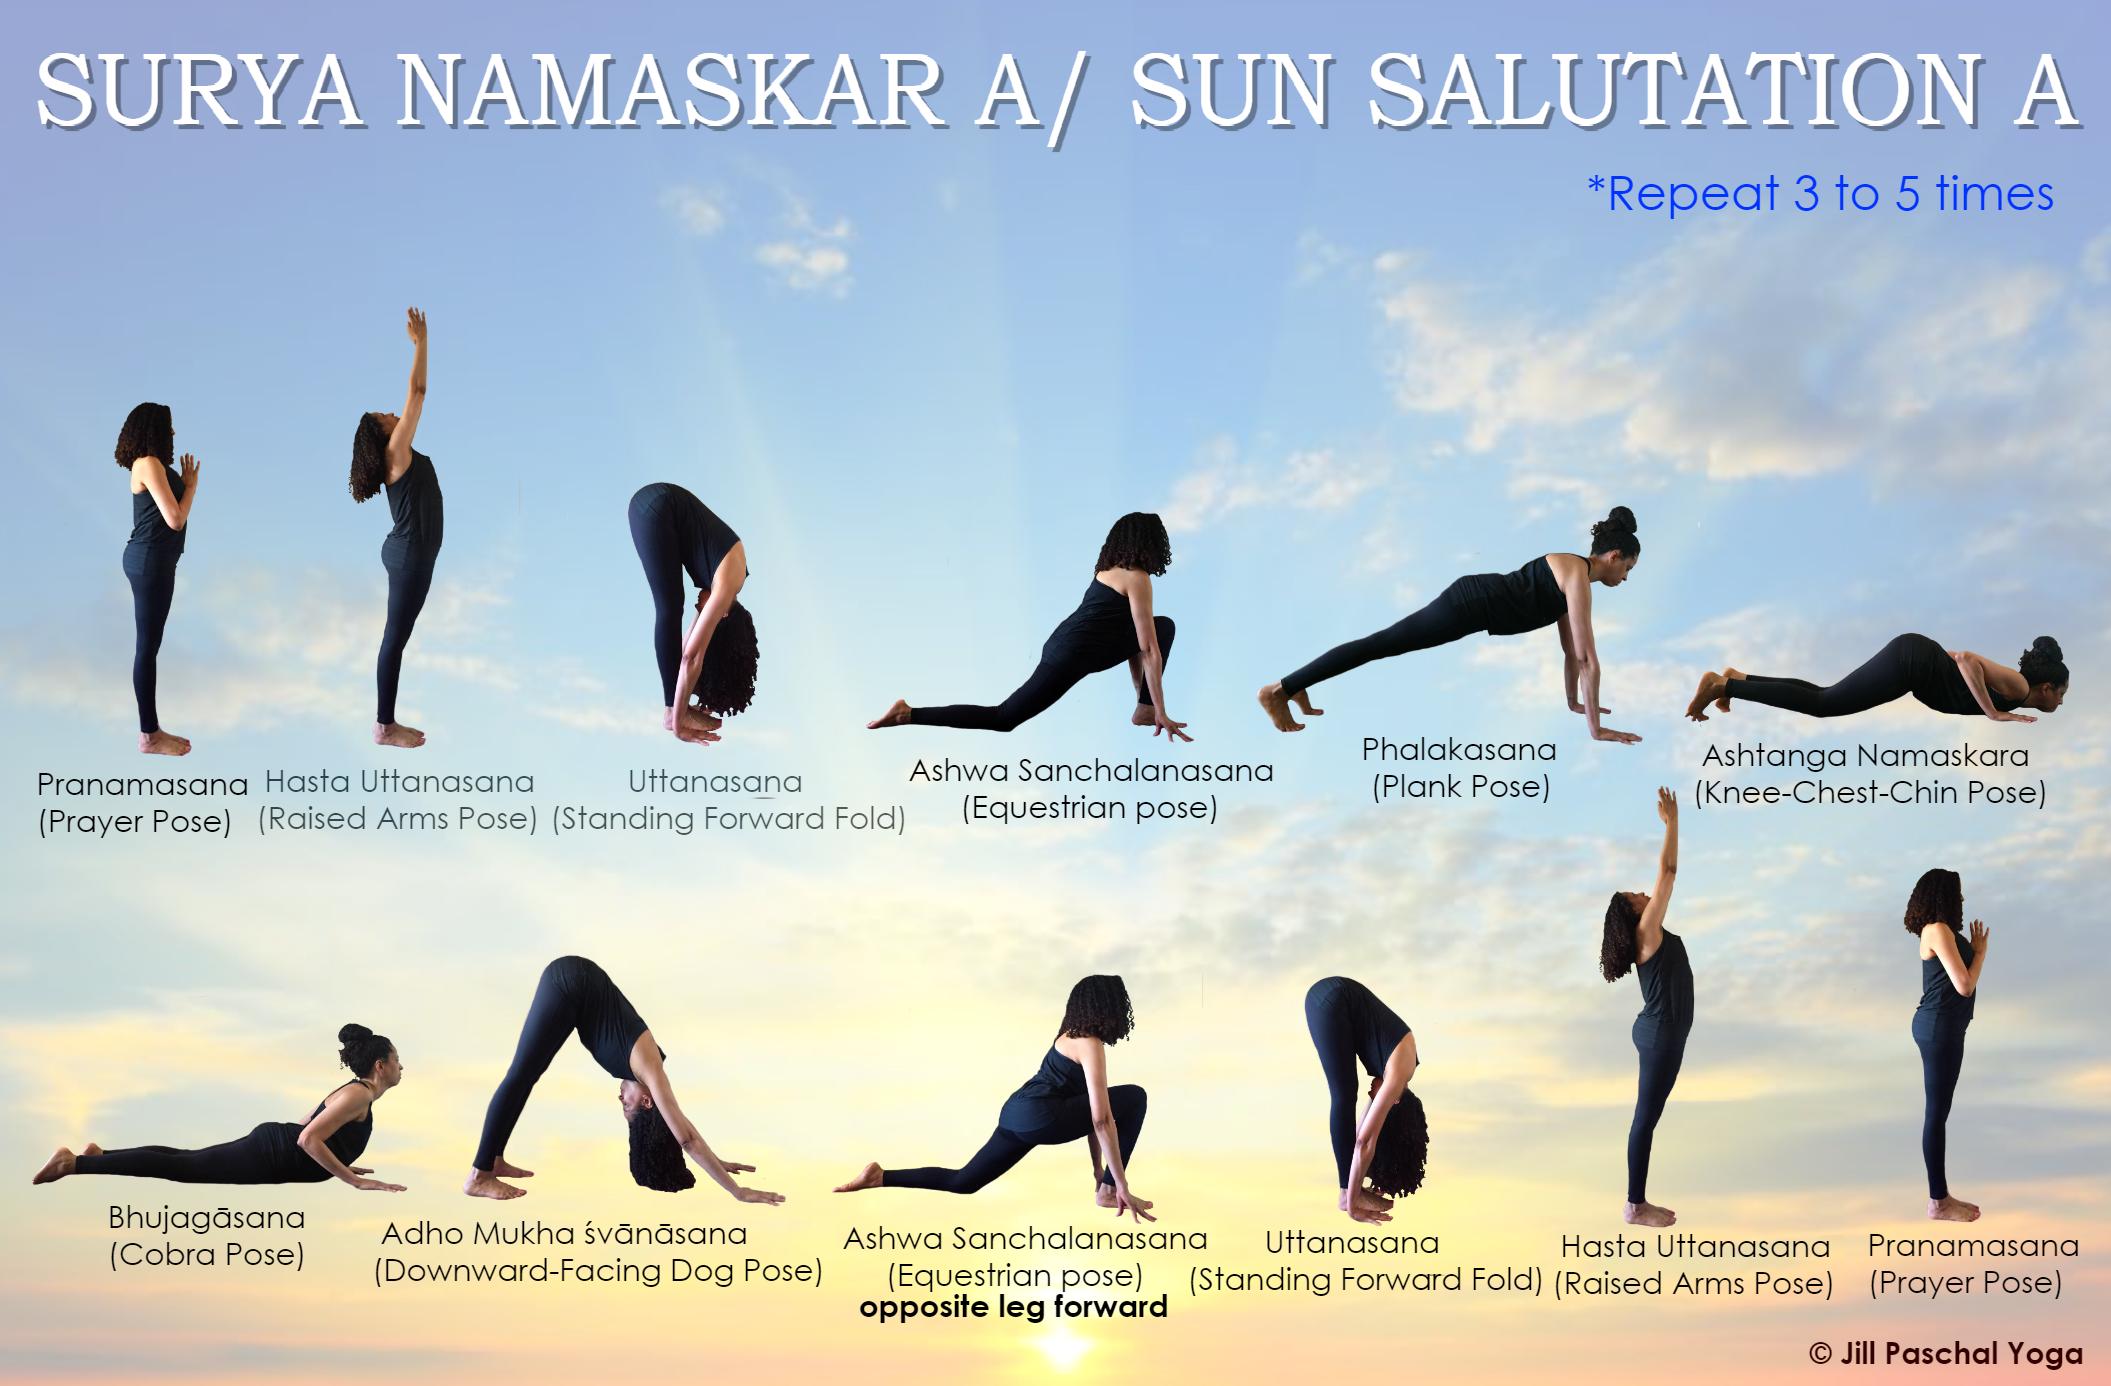 Sun Salutation A Hatha Yoga Surya Namaskar Sun Salutation Hatha Yoga